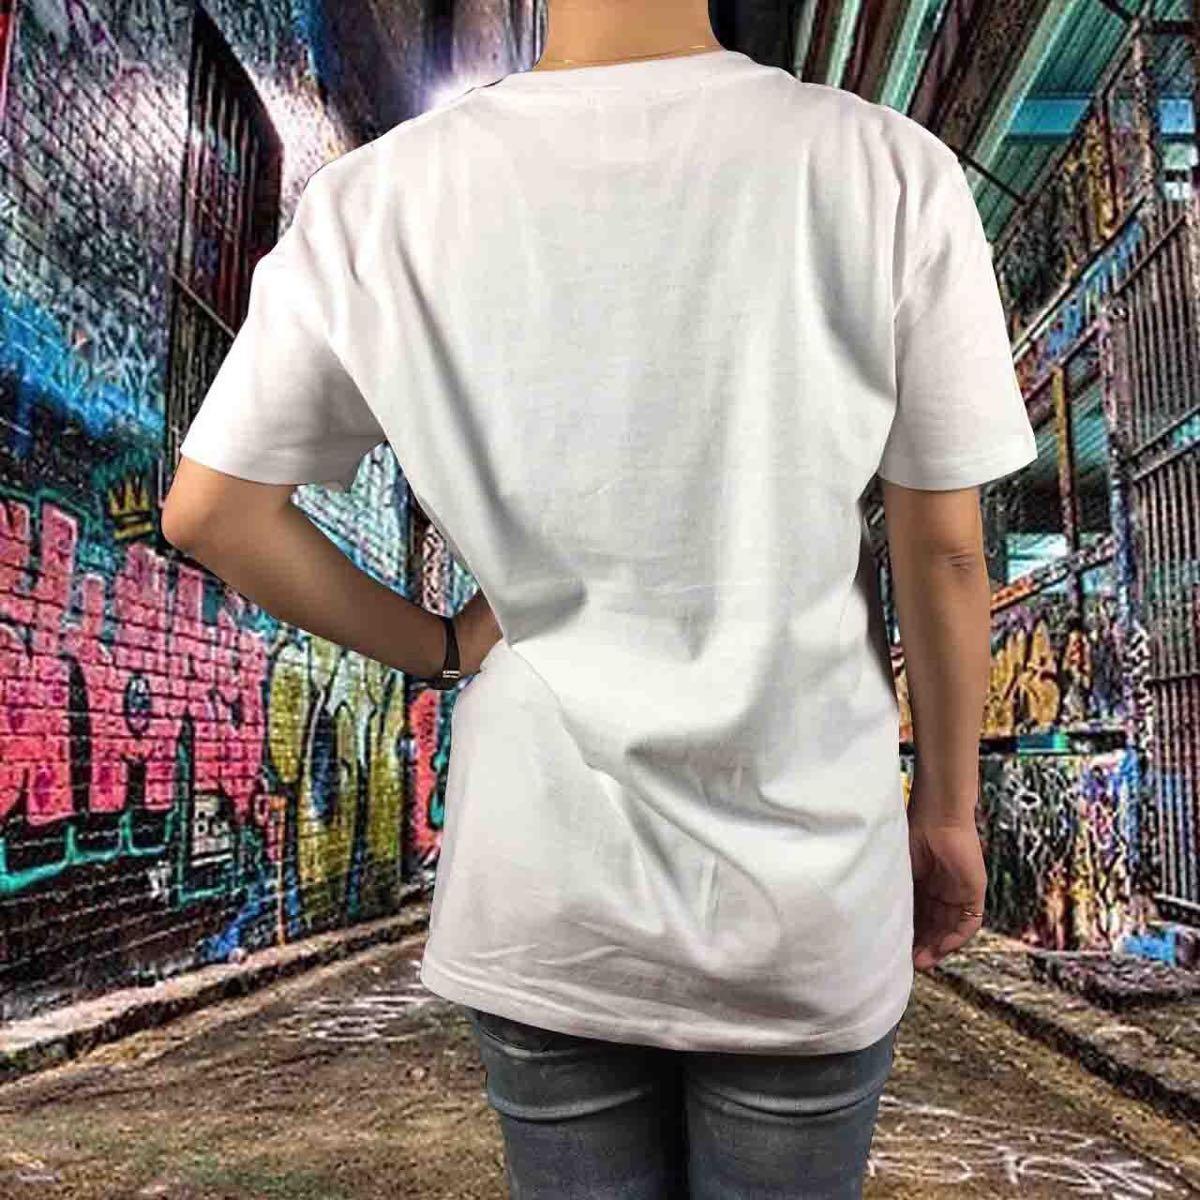 新品 BANKSY バンクシー ゲロ ハート グラフィティ ペーパー アート Tシャツ S M L XL ビッグ オーバー サイズ XXL ~ 5XL 長袖 黒 対応_画像2